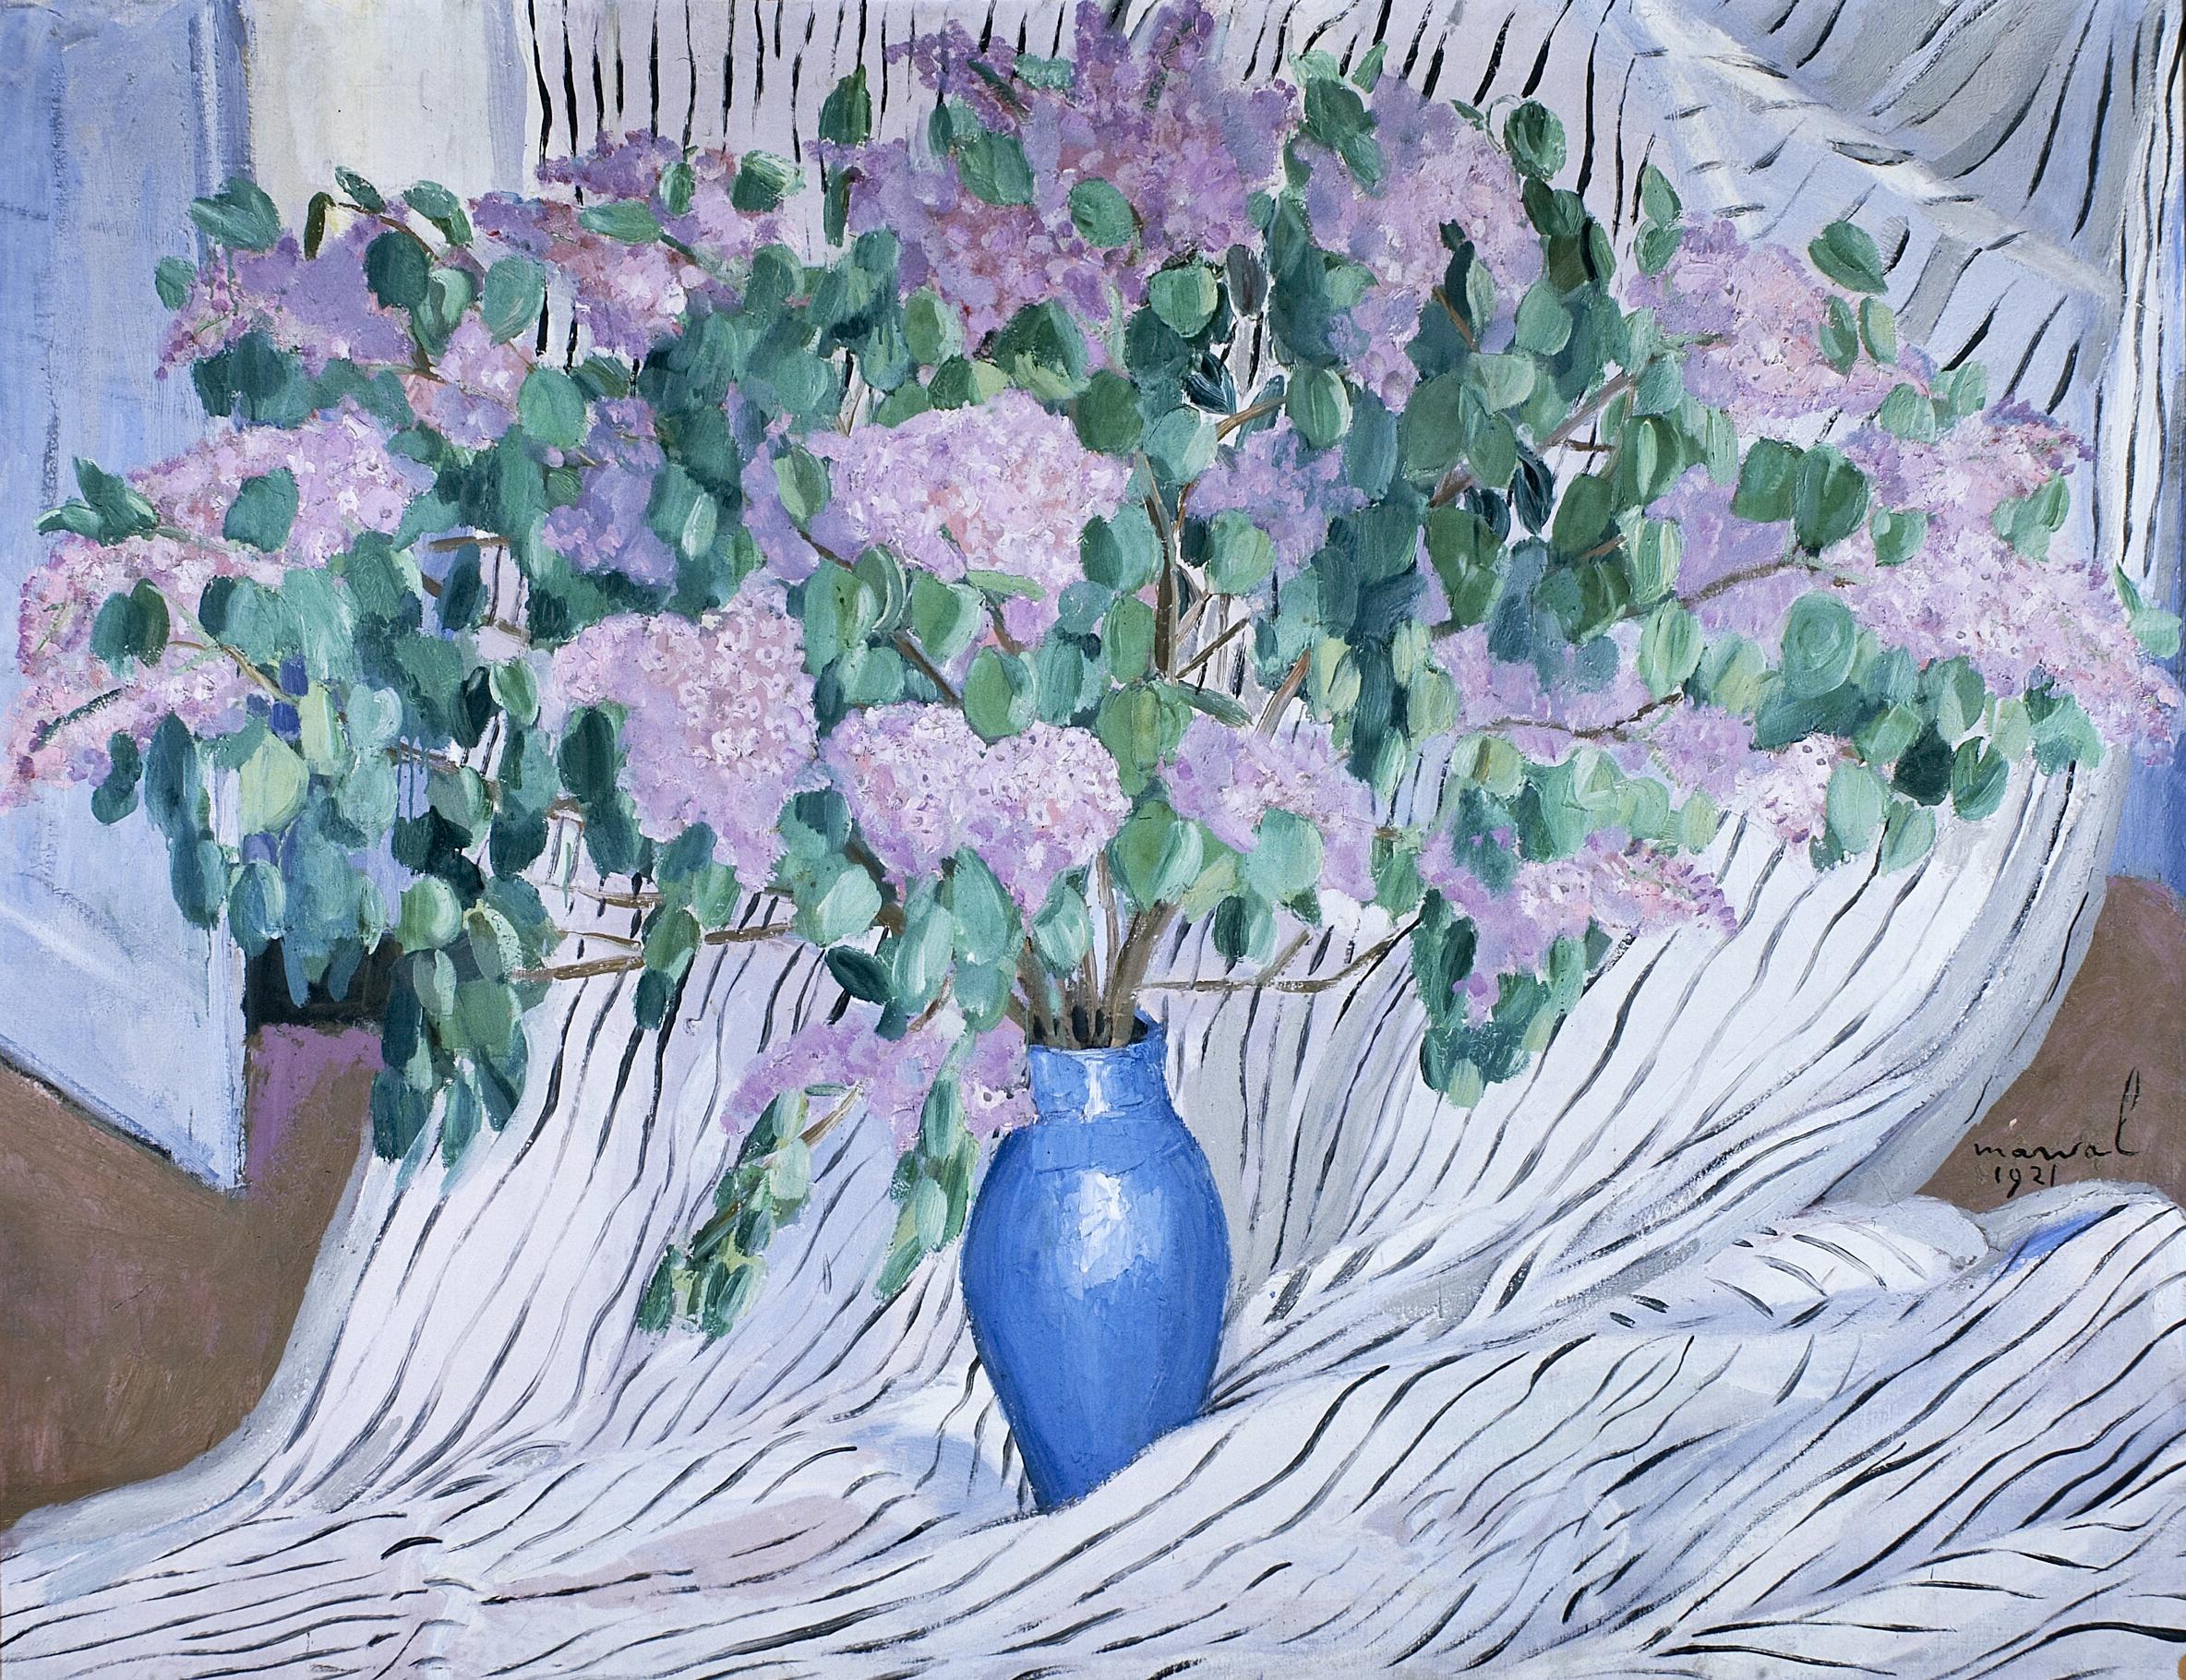 Bouquet de Lilas, Jacqueline Marval, 1921. Huile sur toile, 125 x 160 cm. Collection privée, Paris.